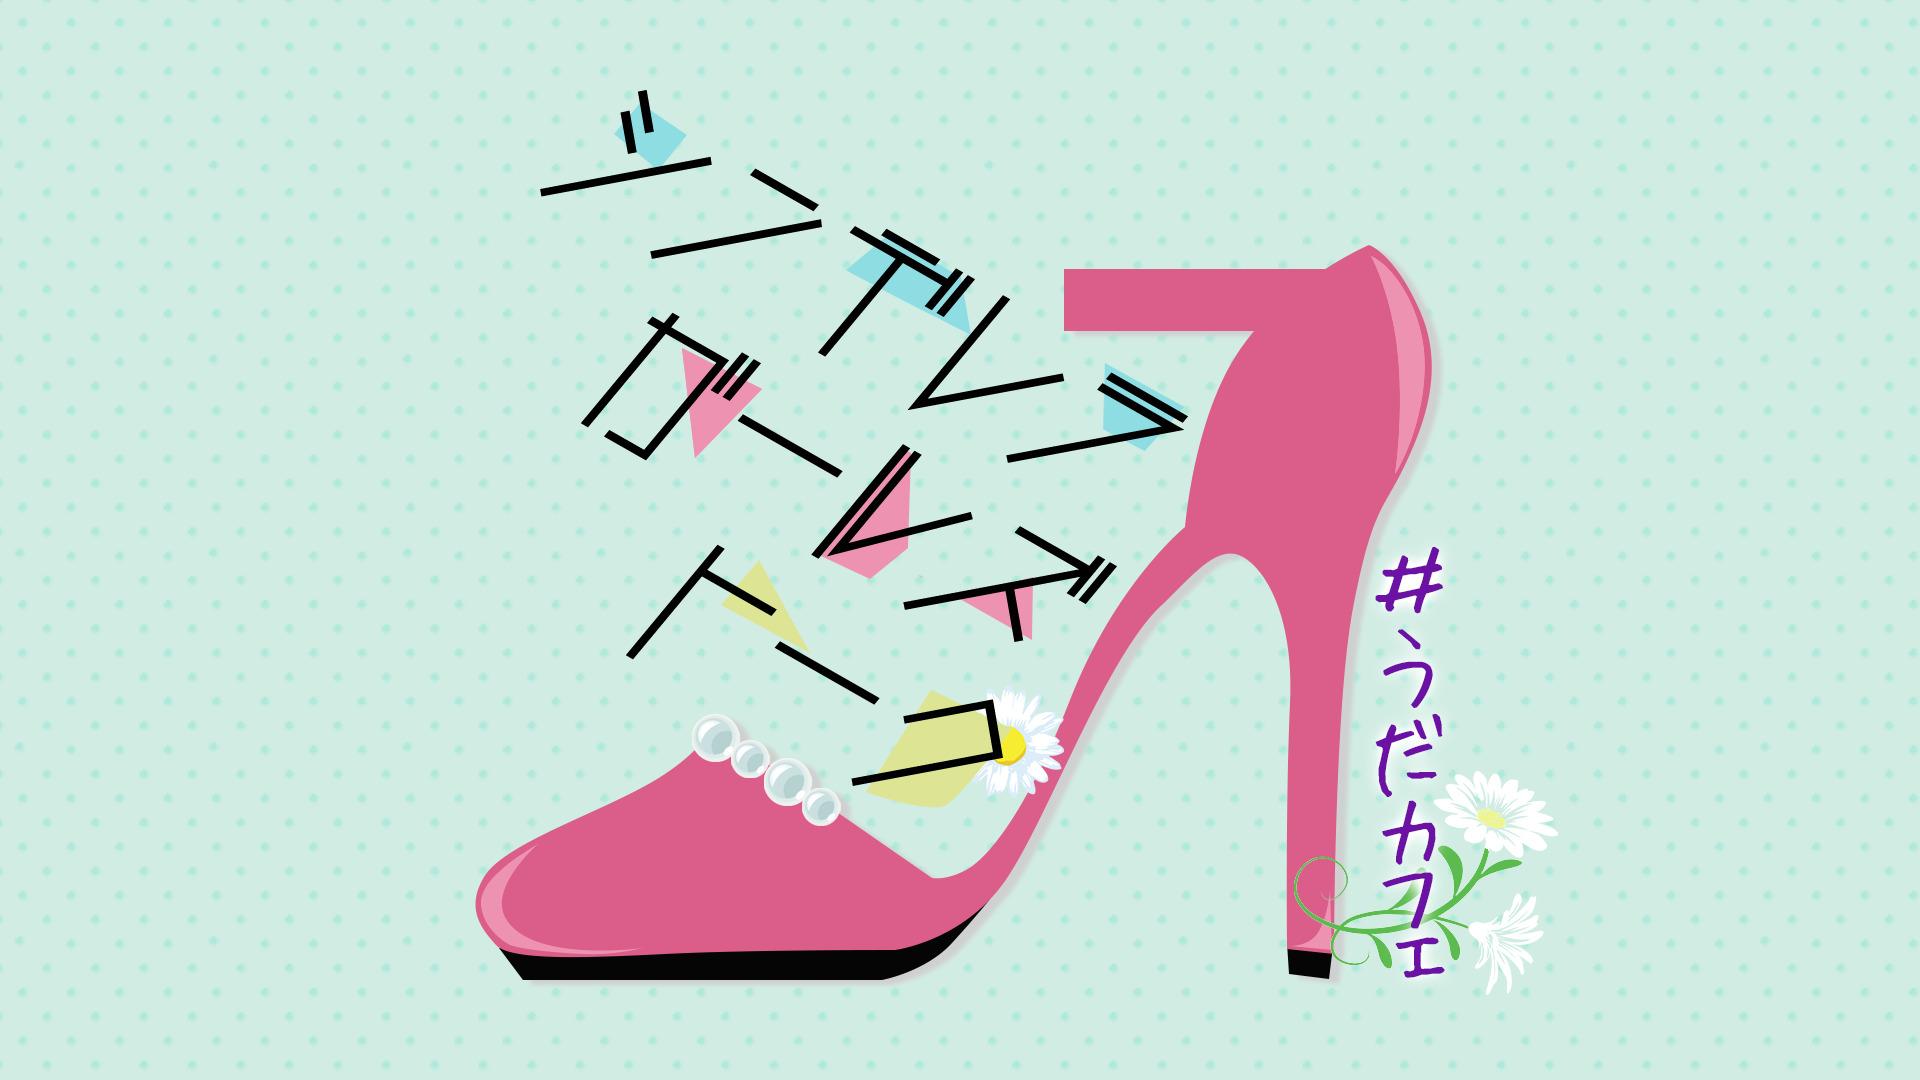 11月27日(水)15:30 O.A. <br>AbemaTV「シンデレラガールズトーク #うだカフェ」初回スタート!